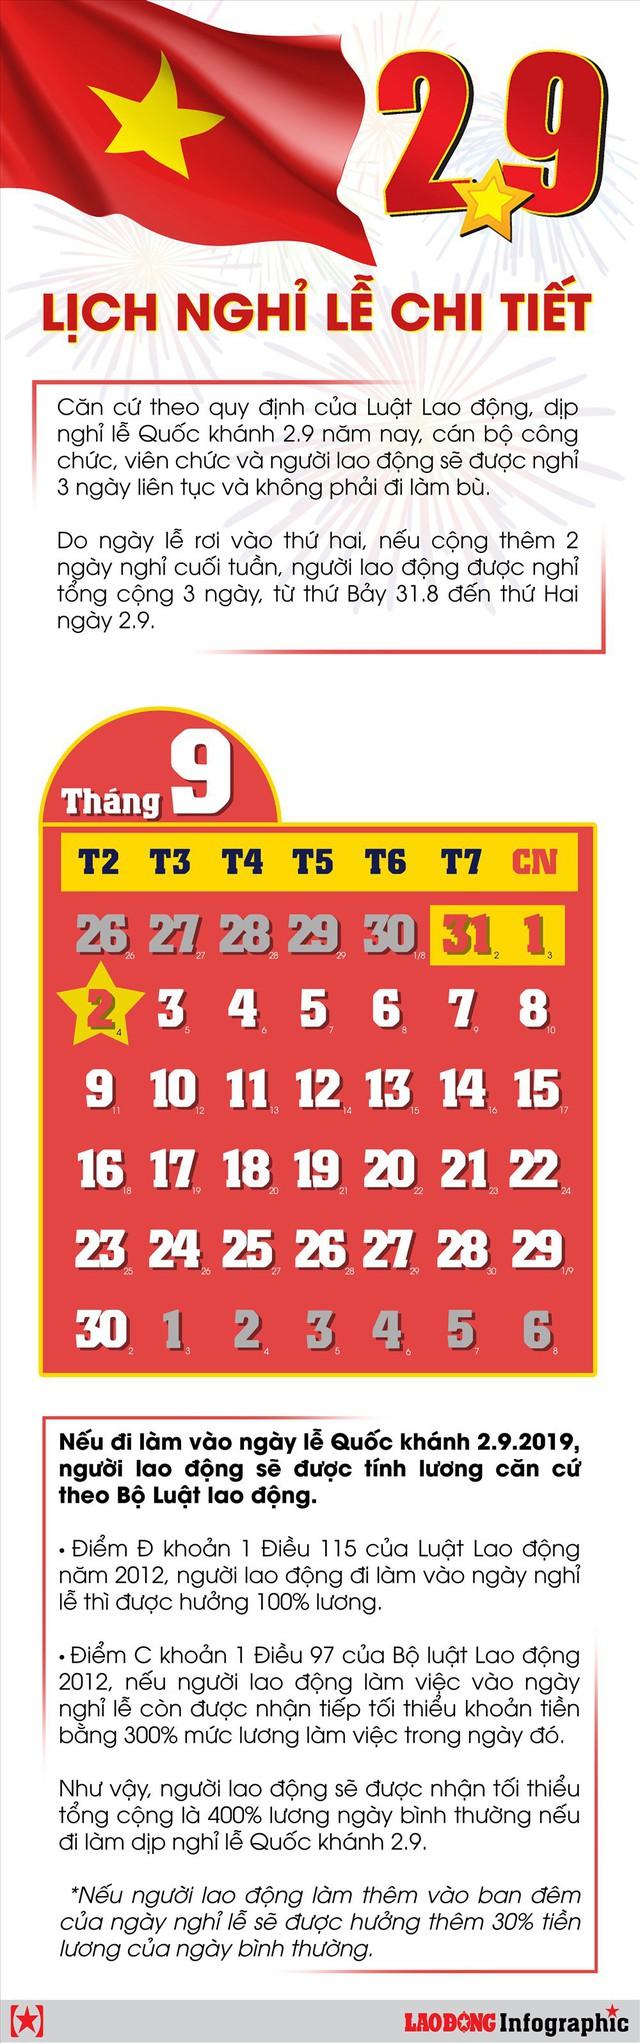 Infographic: Chi tiết lịch nghỉ lễ dịp Quốc khánh 2/9 năm 2019 - Ảnh 1.